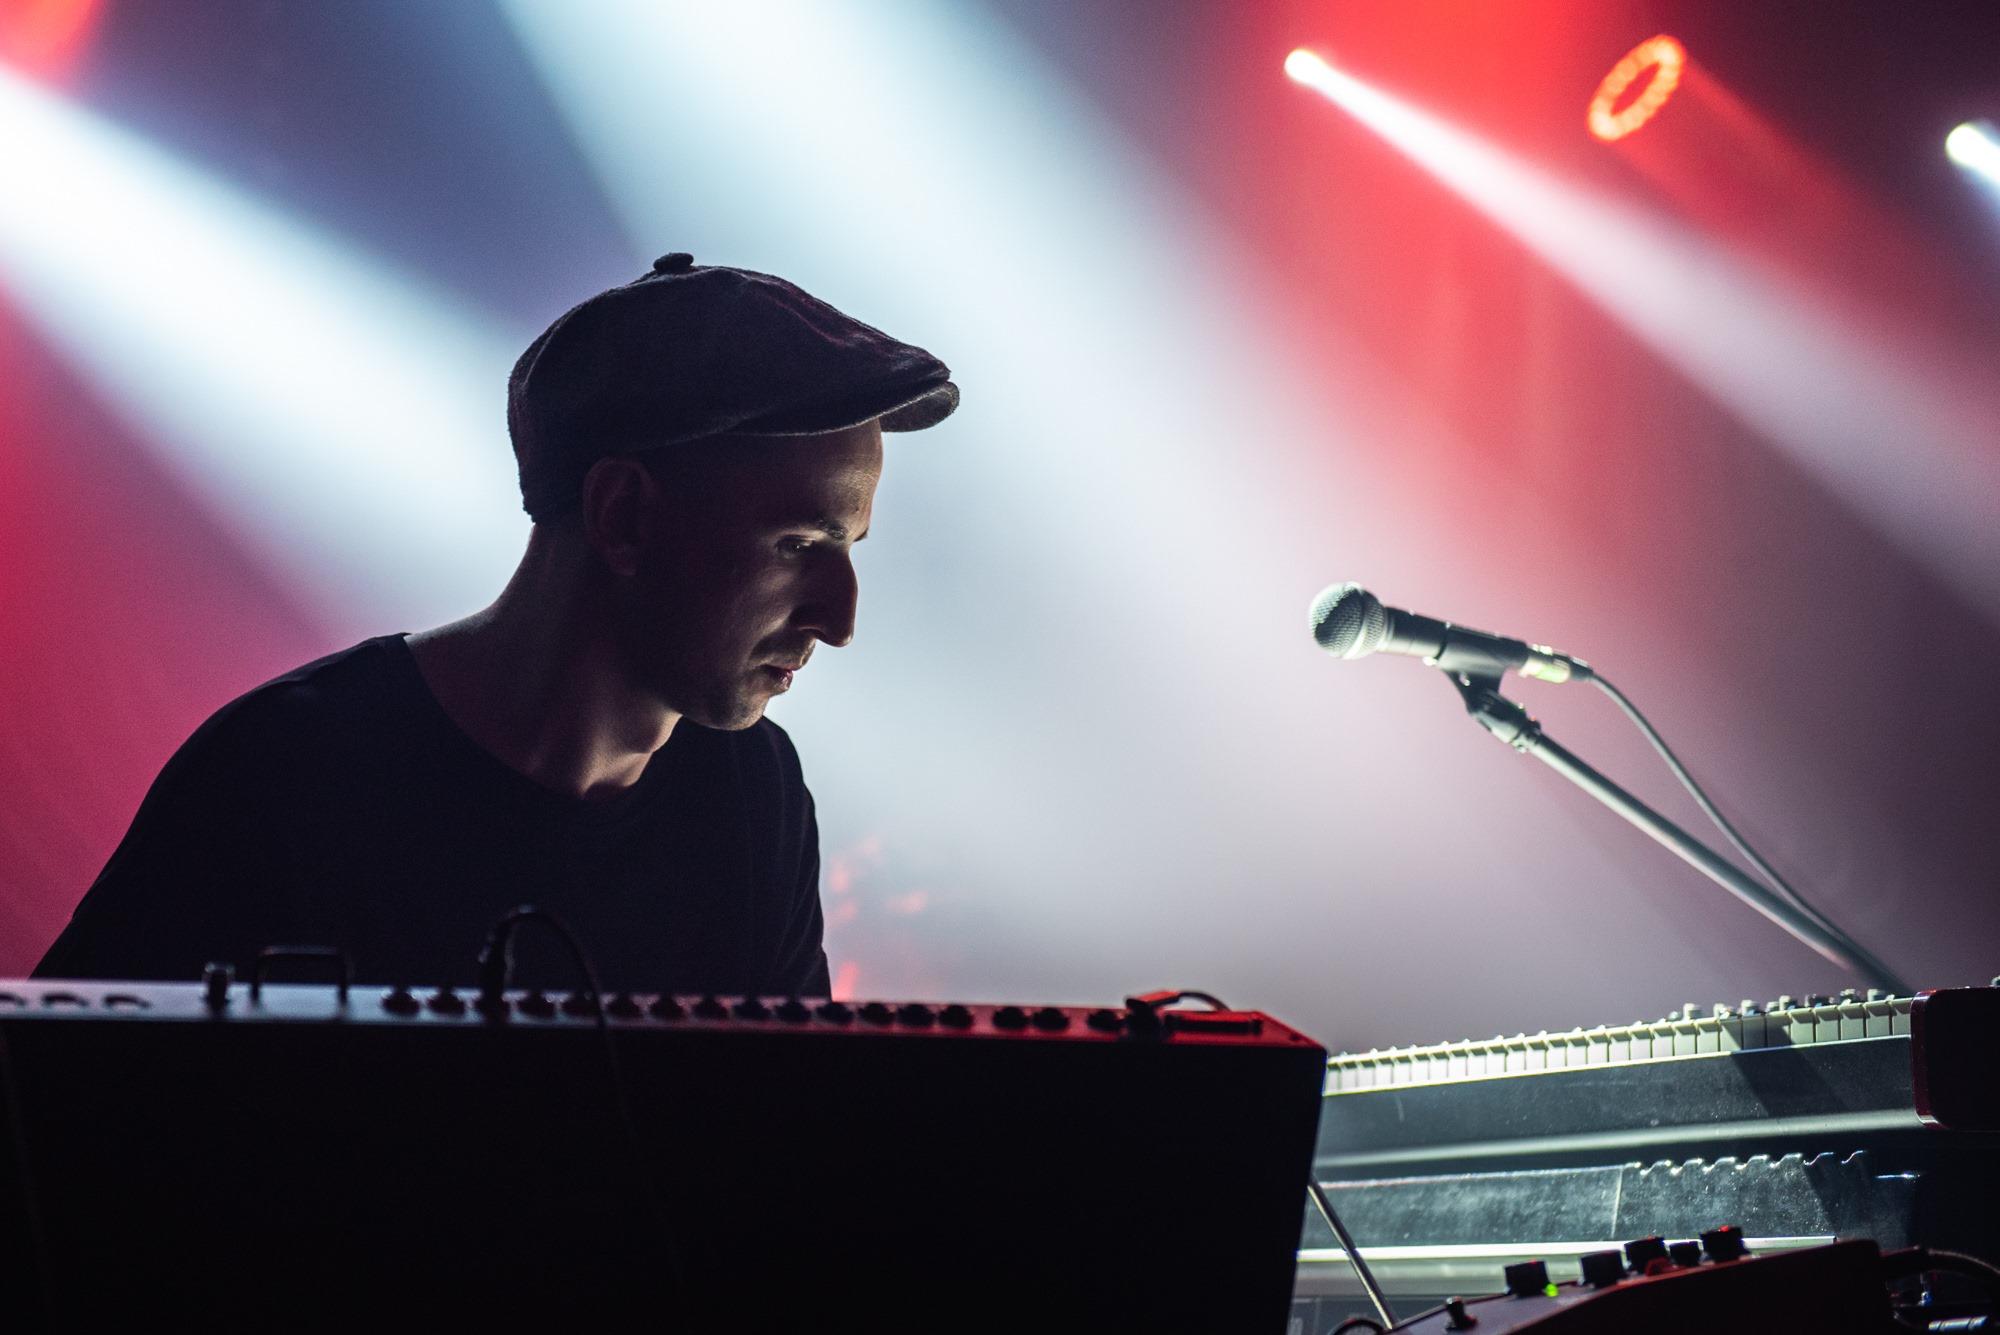 [Zdjęcie z koncertu przedstawia mężczyznę w czapce z daszkiem i ciemnej koszuli, który spogląda w dół na sprzęt muzyczny. Obok niego stoi mikrofon umieszczony na statywie.]